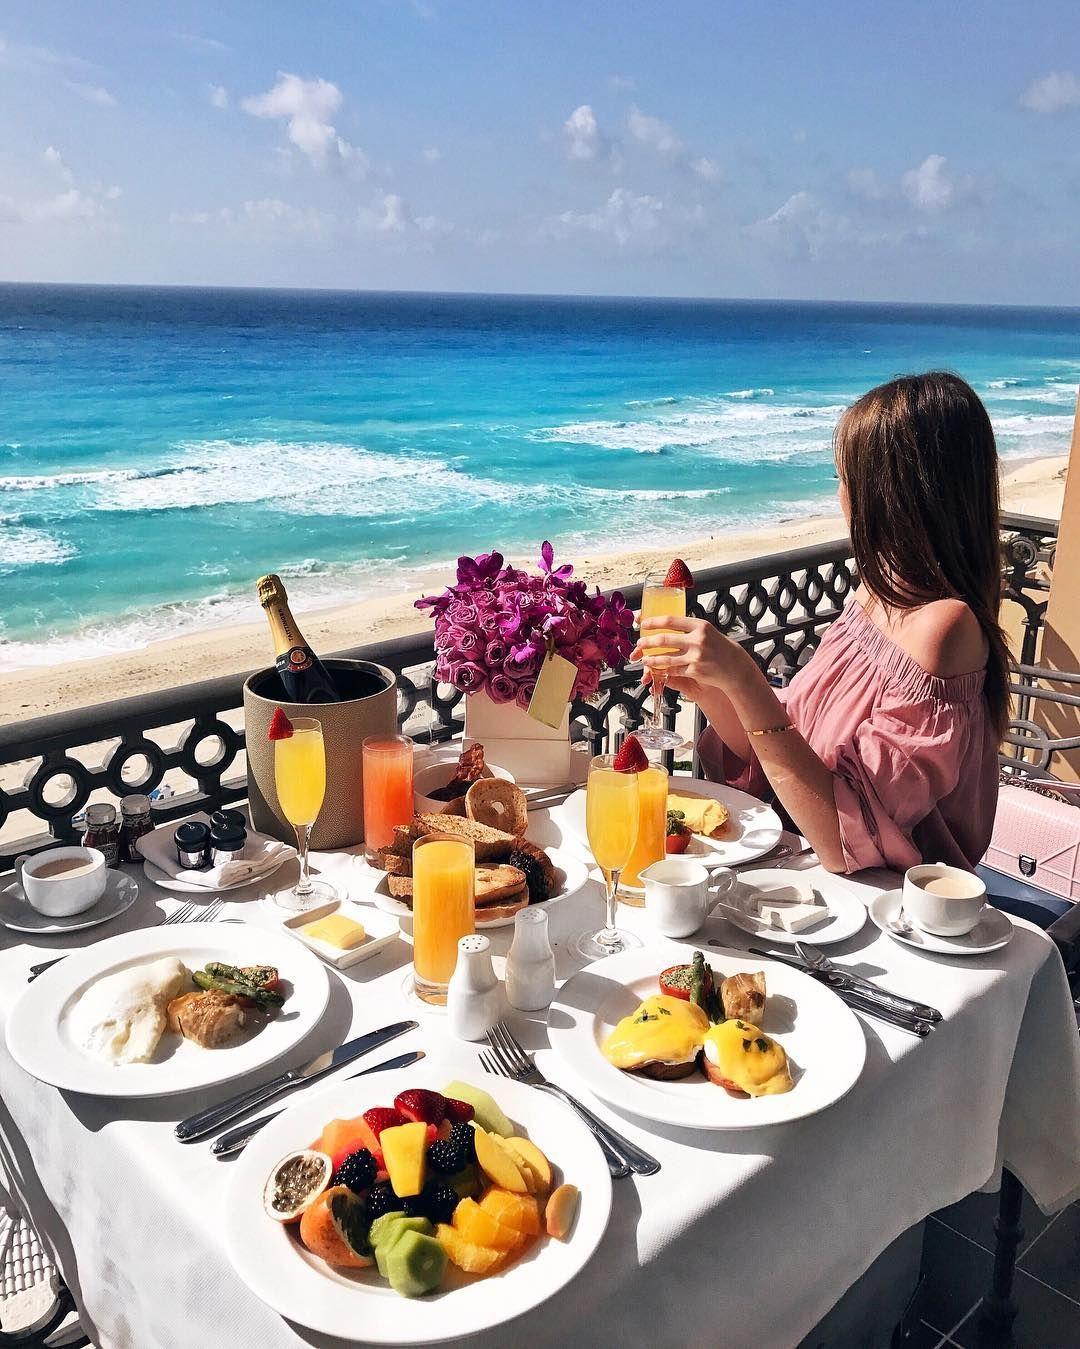 Картинка с добрым утром отдыхающим в отпуске кого есть